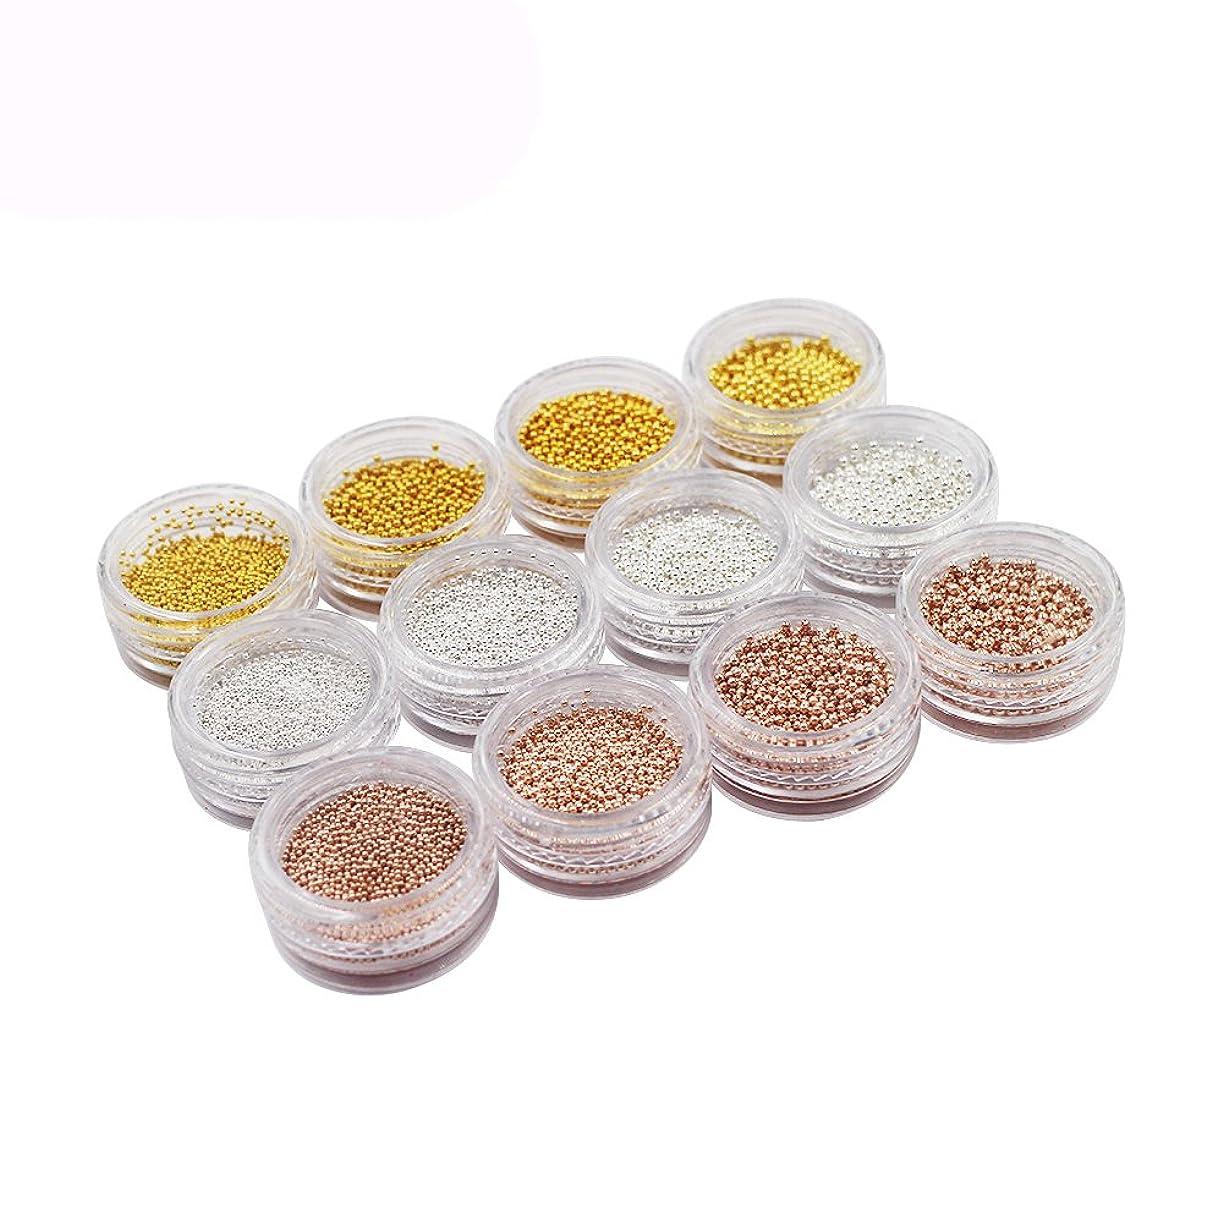 本物フレア発音メーリンドス ネイル3dデザインパーツ ネイルブリオン ゴールド&シルバー&バラゴールド 0.8/1.0/1.2/1.5mm 4サイズ3色 12本セット